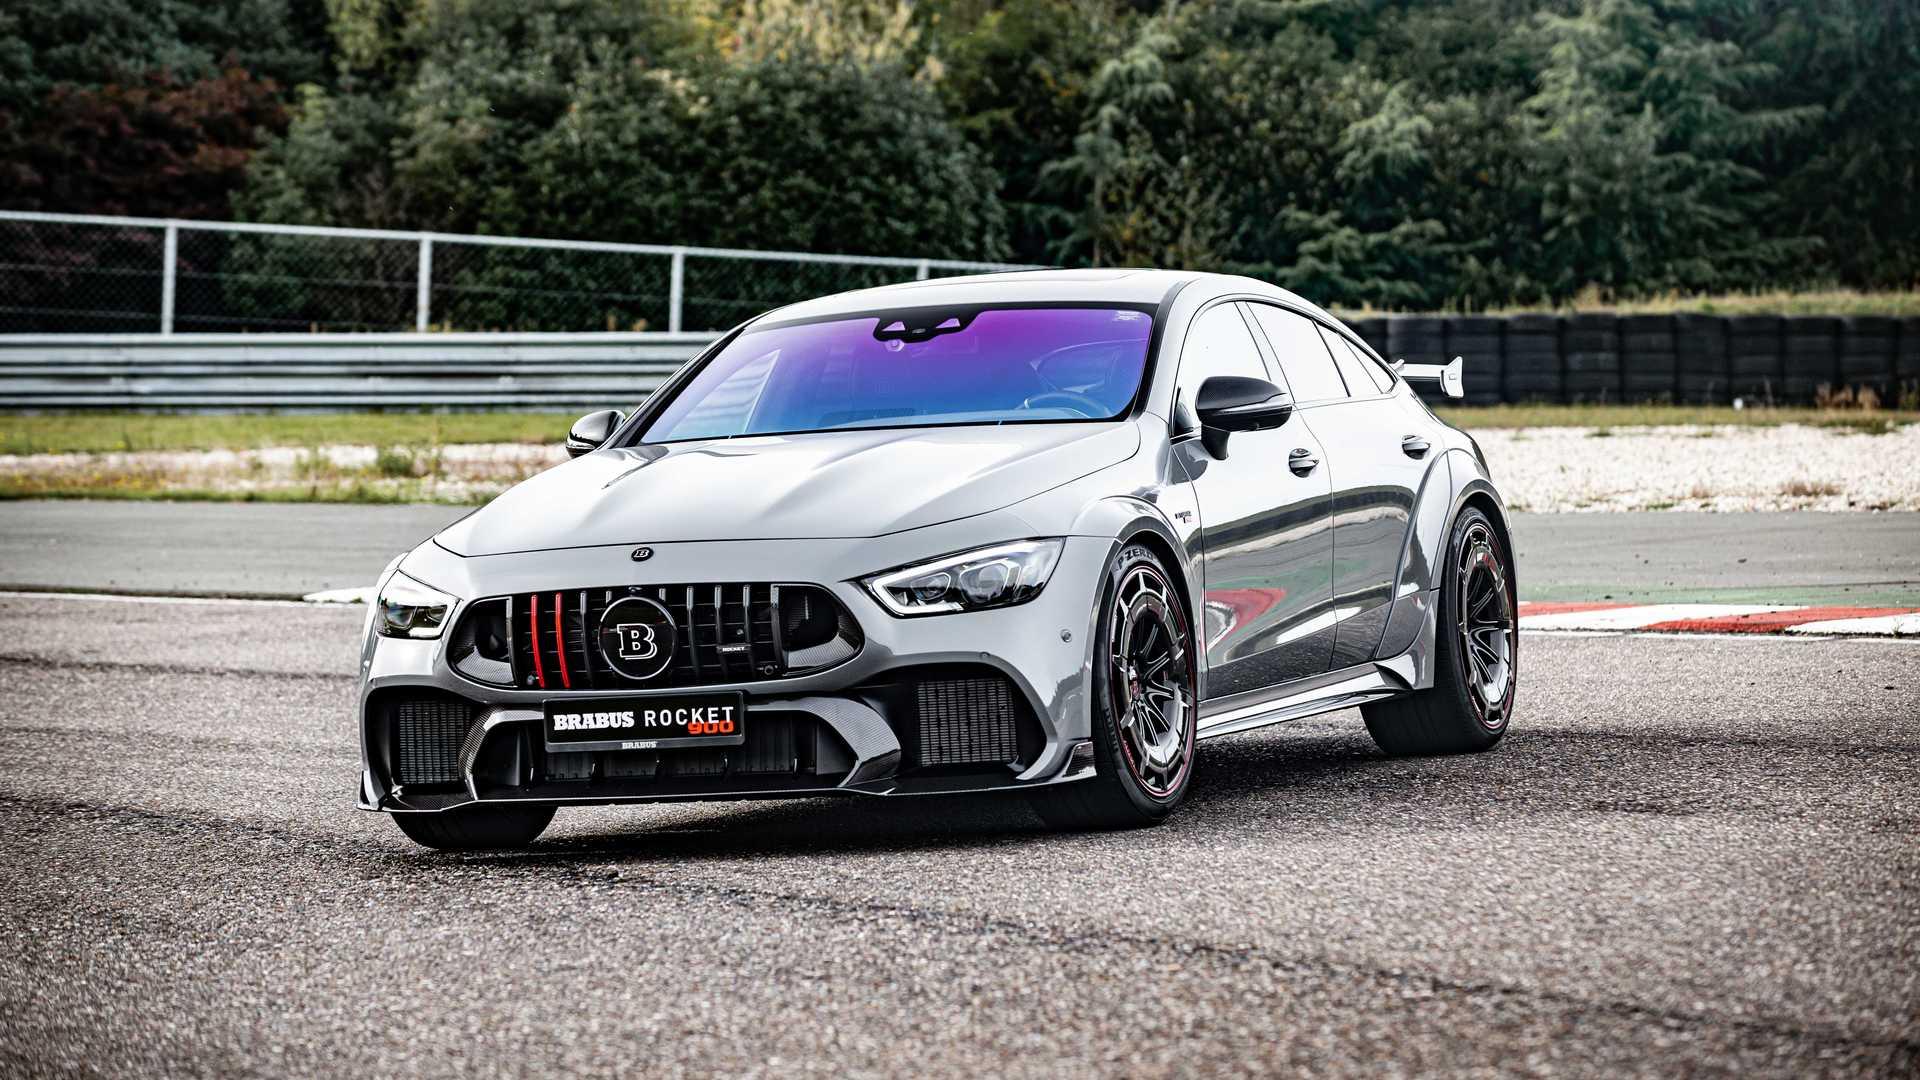 Немецкий тюнер Brabus представил проект Rocket 900 на основе Mercedes-AMG GT 63 S: выпустят всего лишь десять таких машин, а за первый экземпляр попросят 435 800 евро.